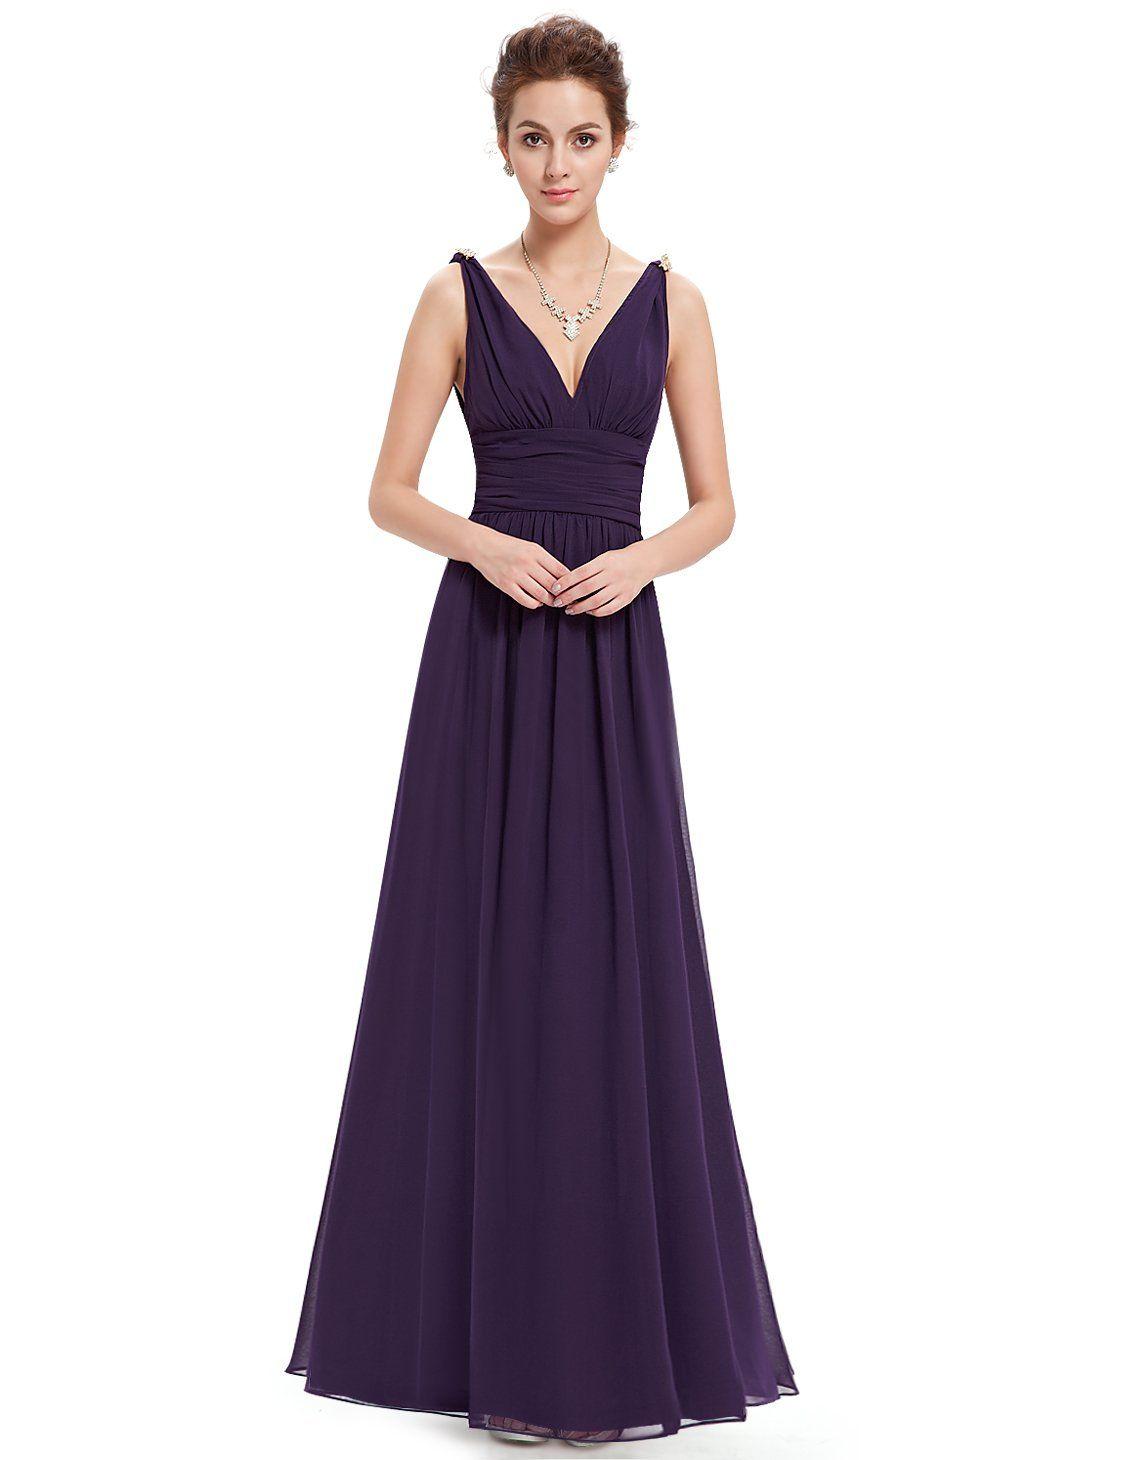 Alle Kleider schicke lange kleider : Ever Pretty Damen V-Ausschnitt Lange Chiffon Abendkleider ...